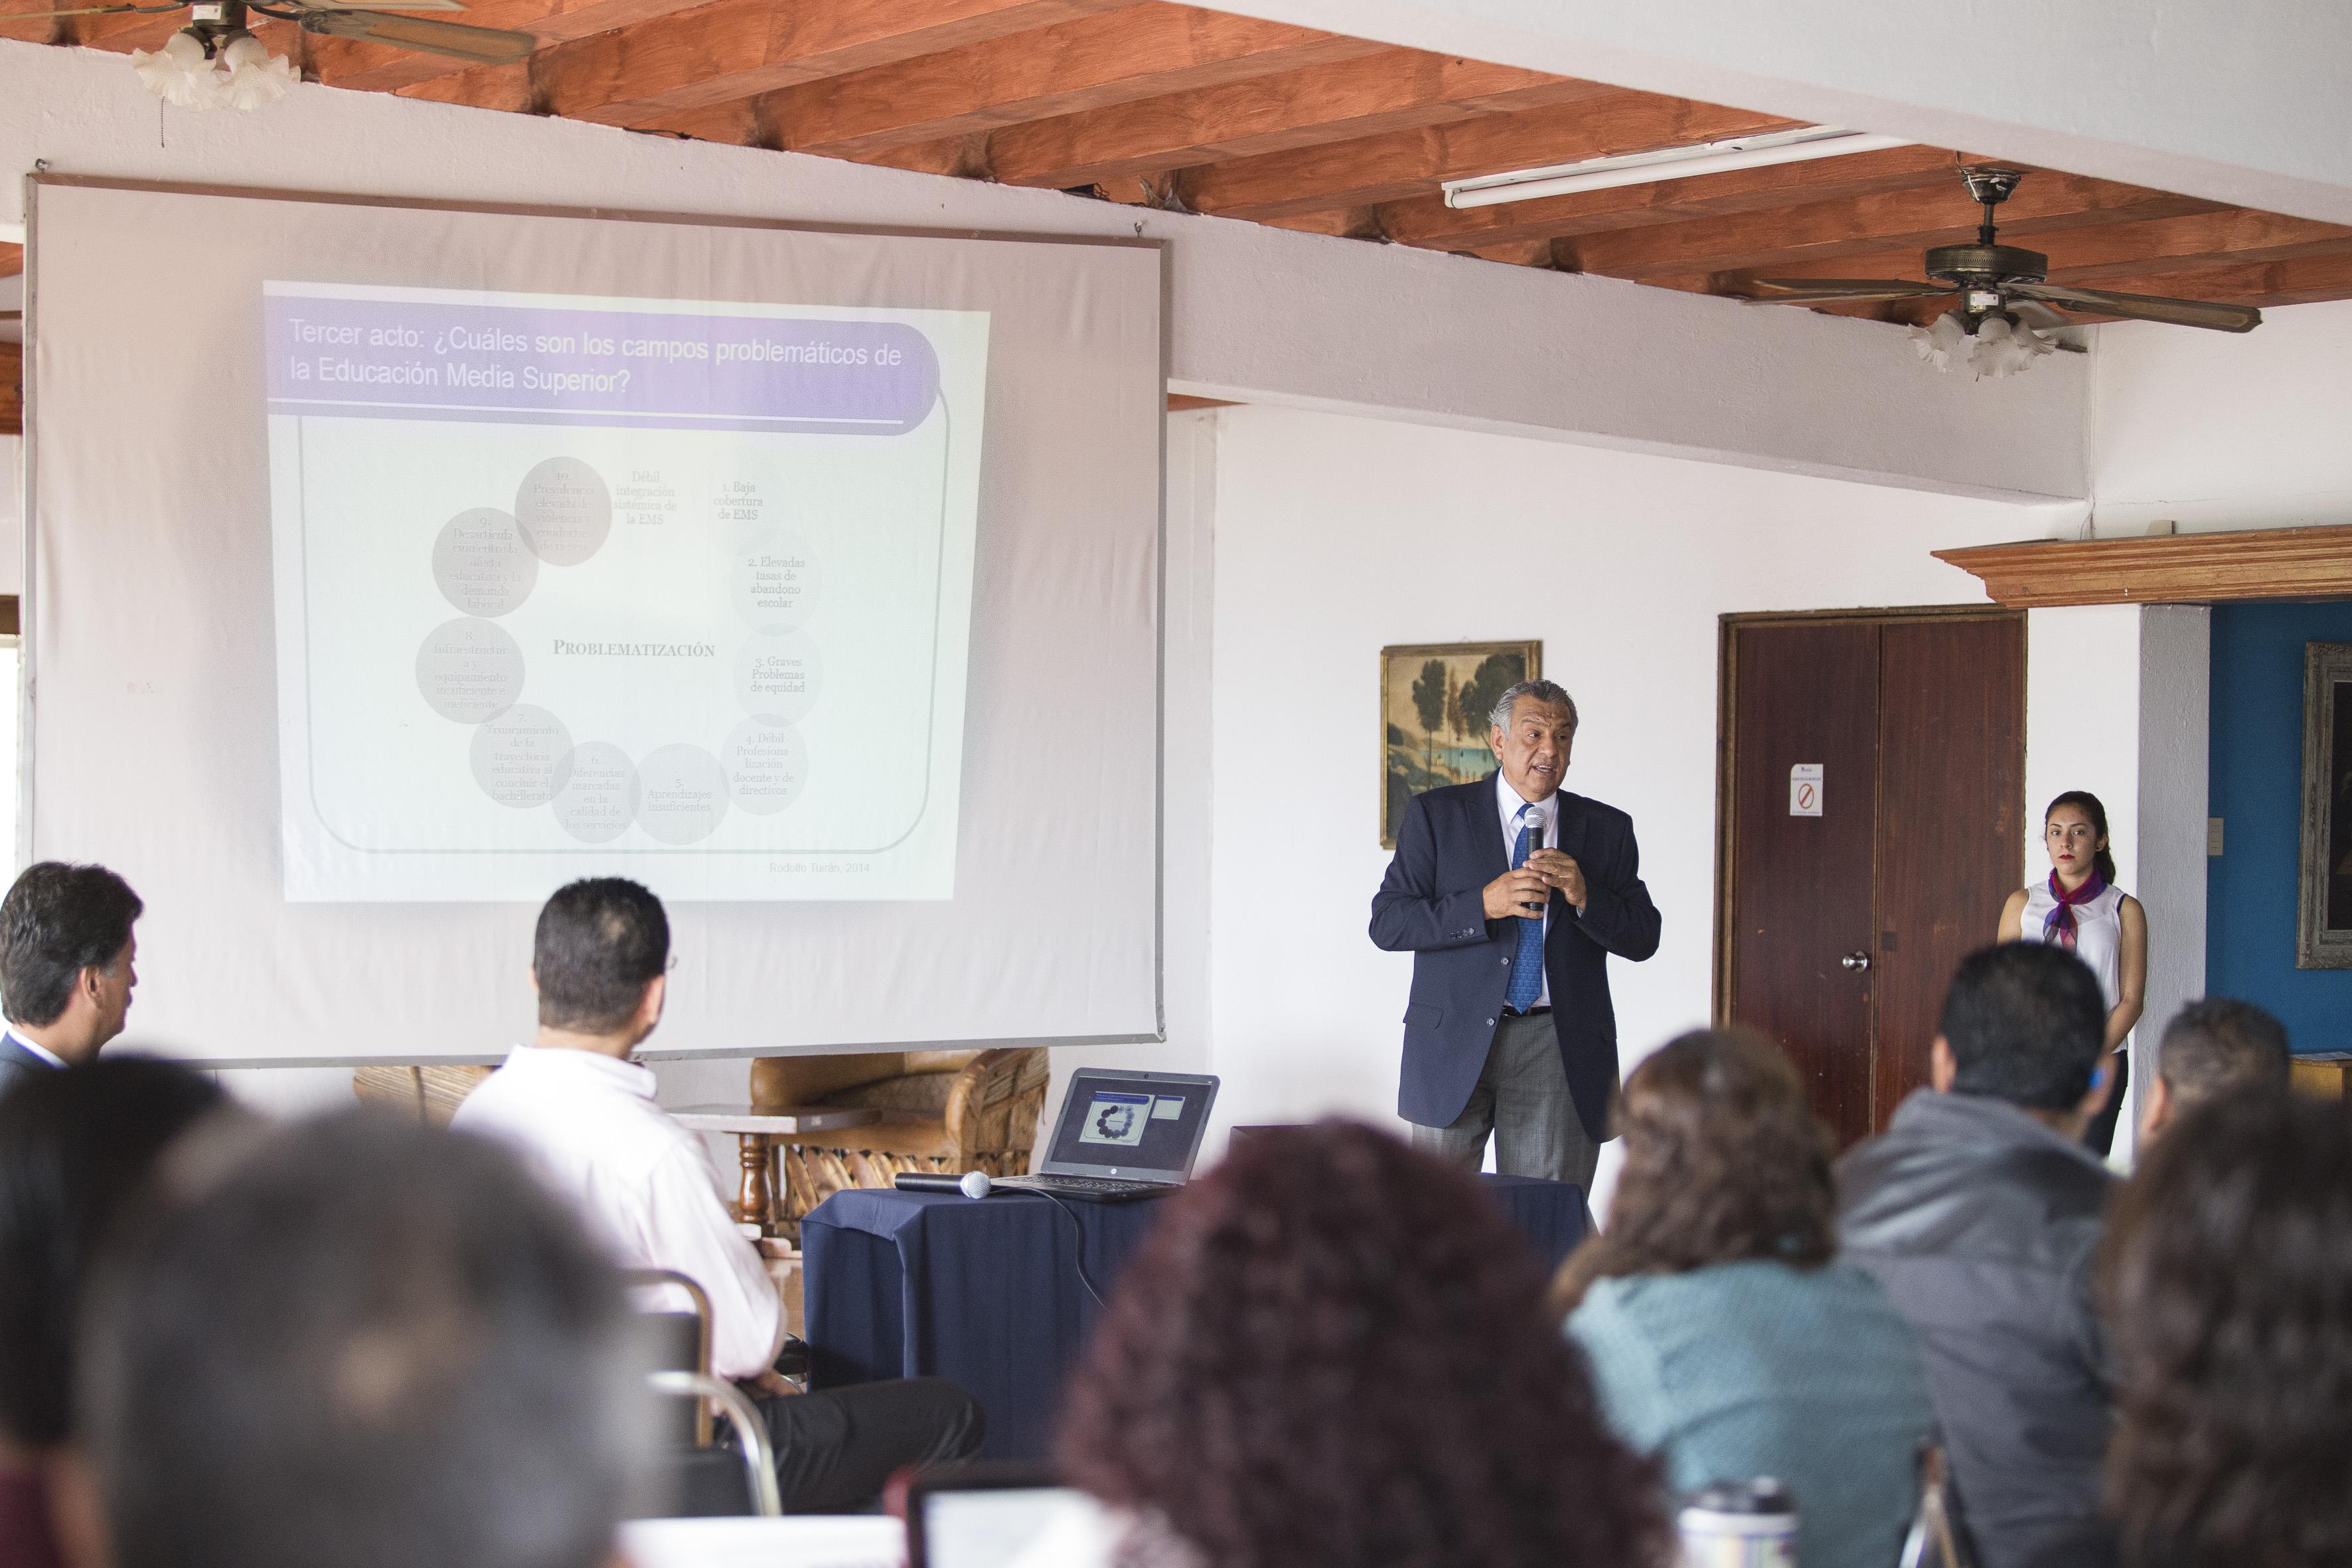 Maestro Víctor Manuel Rosario Muñoz, director de Formación Docente e Investigación del Sistema de Educación Media Superior (SEMS), de la Universidad de Guadalajara, impartiendo conferencia.